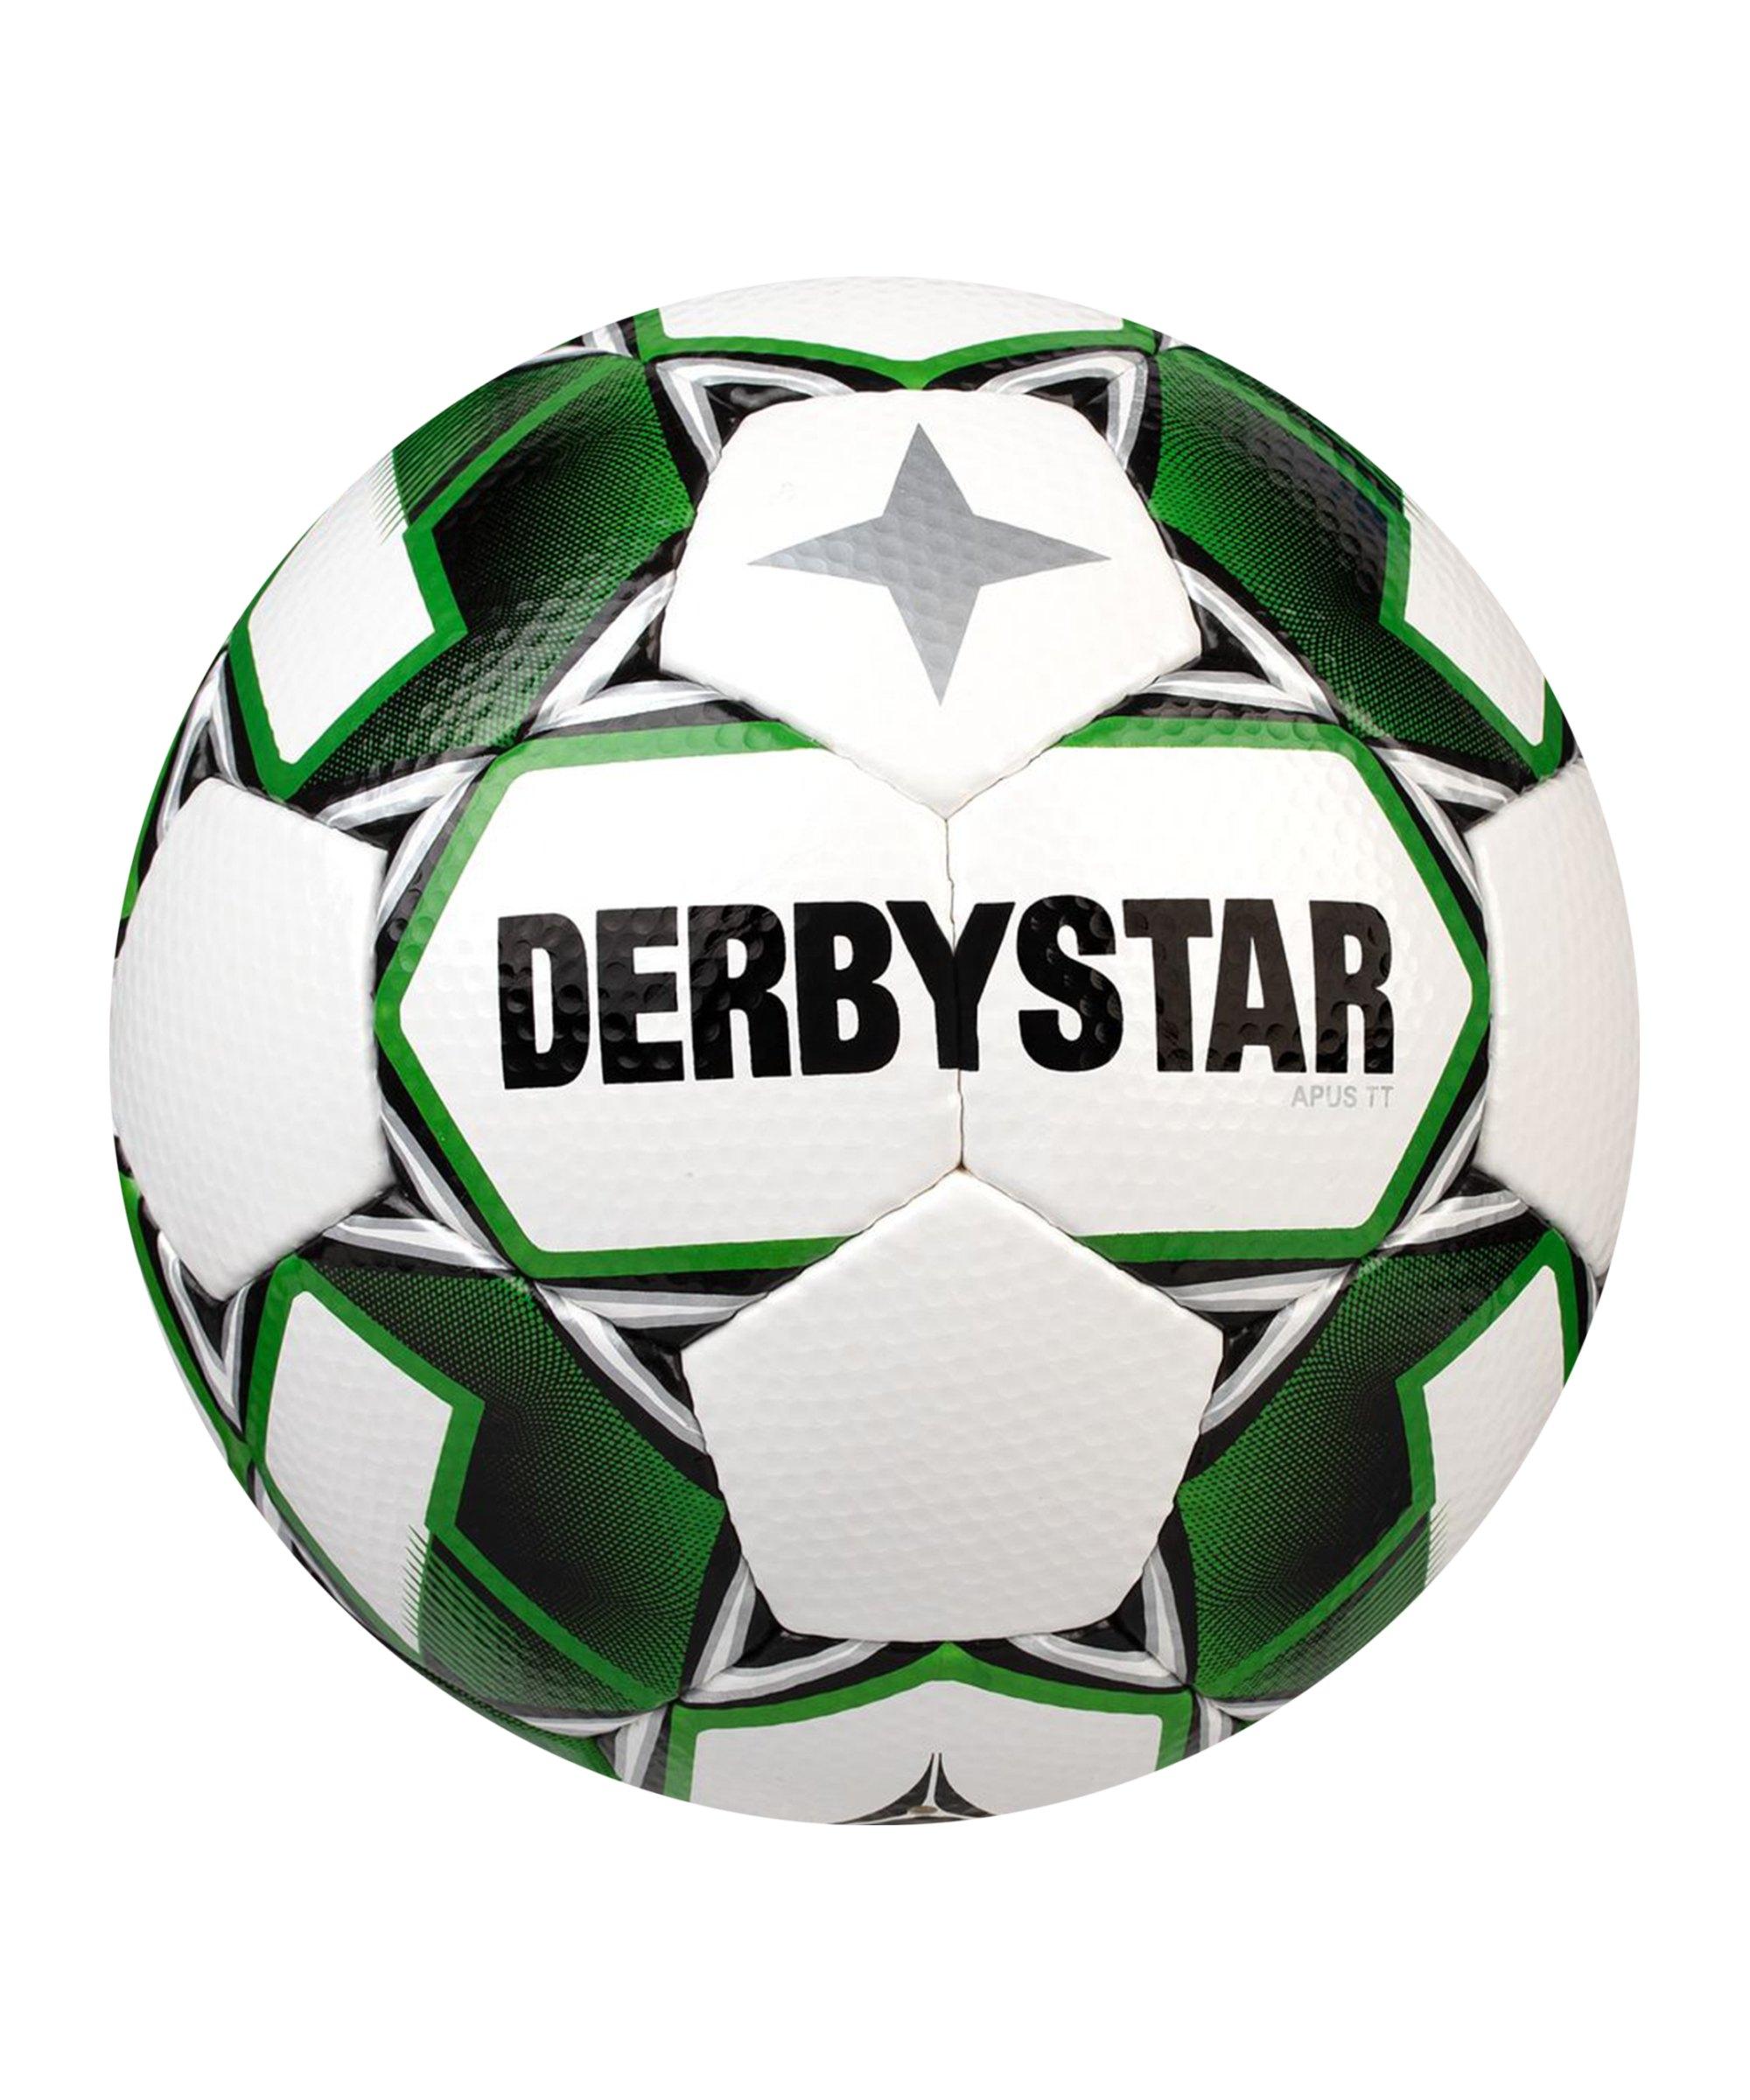 Derbystar Apus TT v20 Trainingsball F140 - weiss